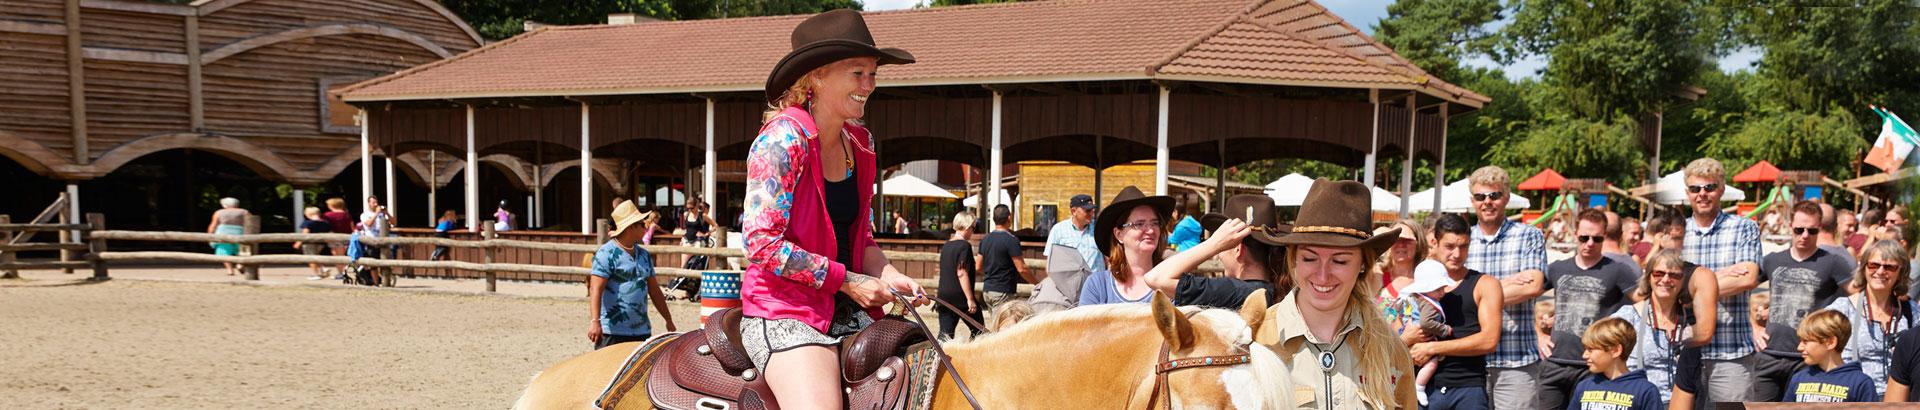 PaardrijdenVolwassnen2goede